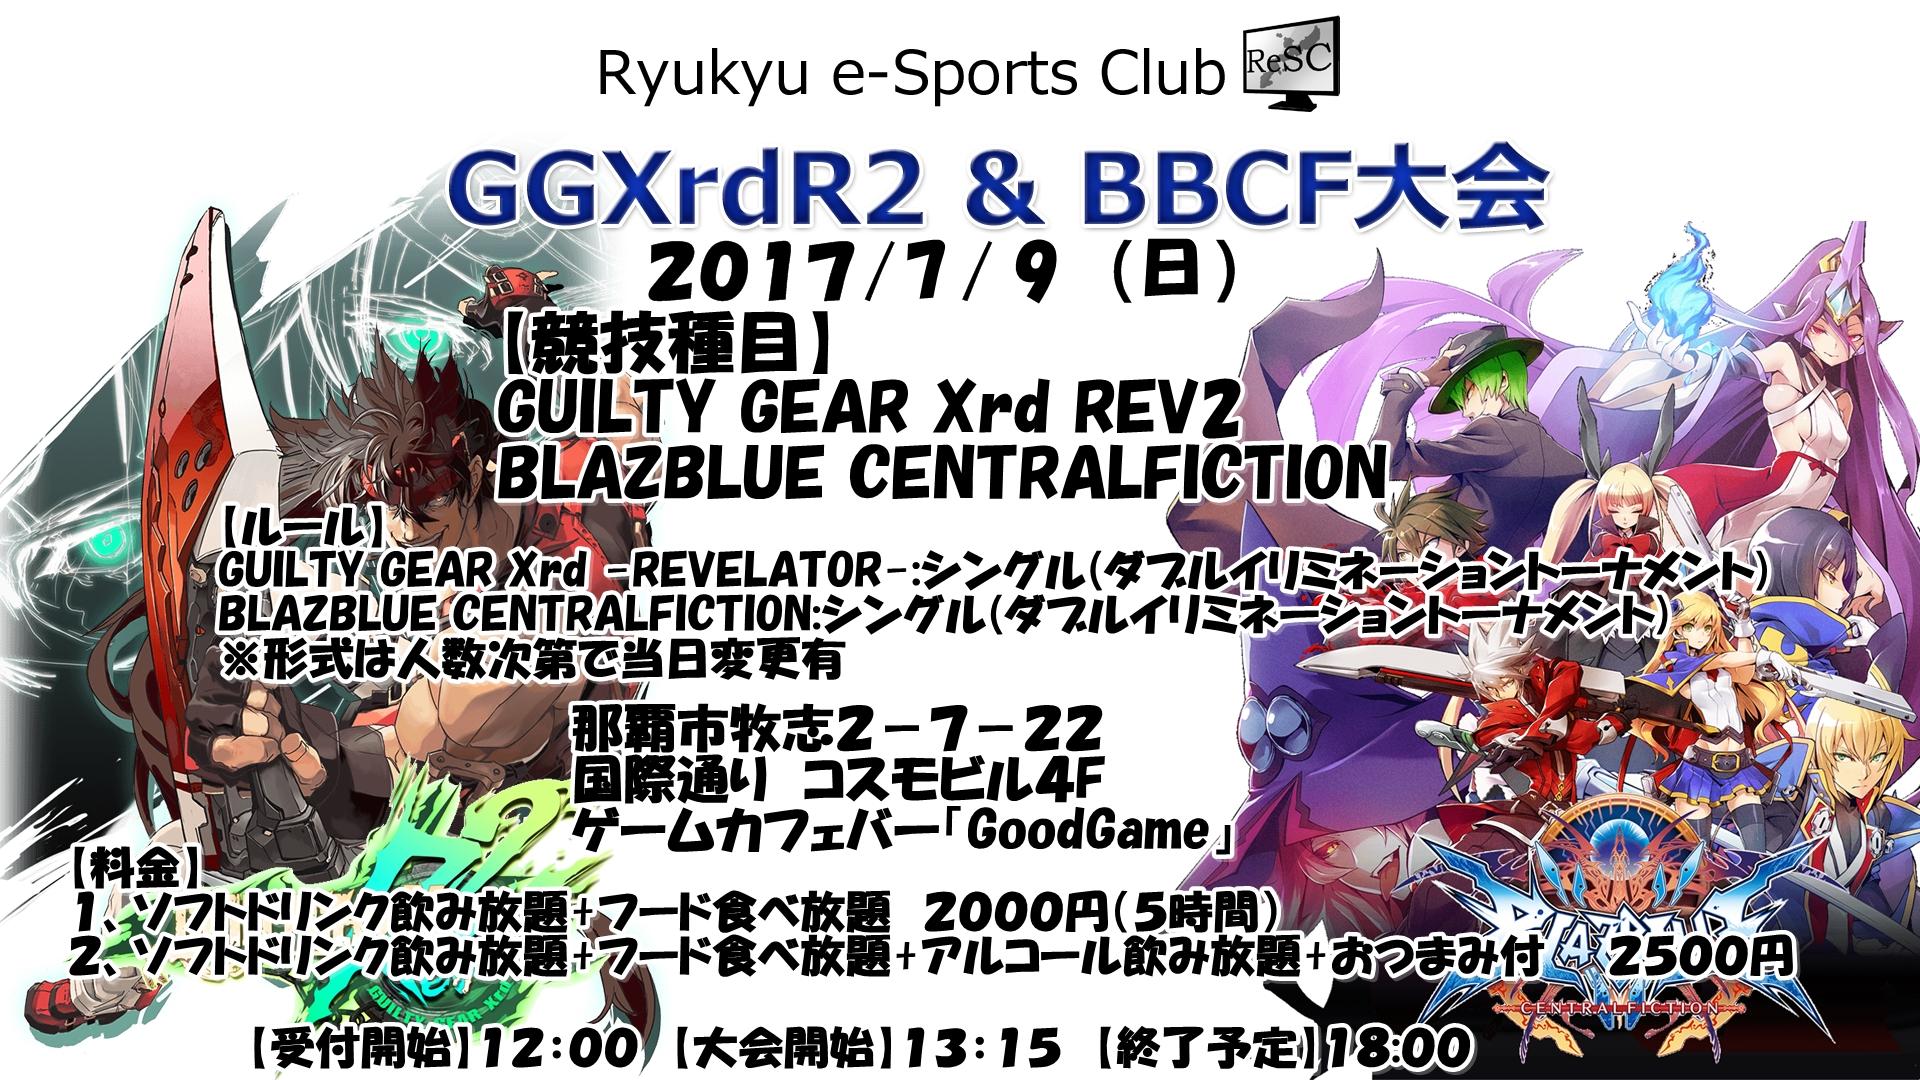 gg、bb6,24-1